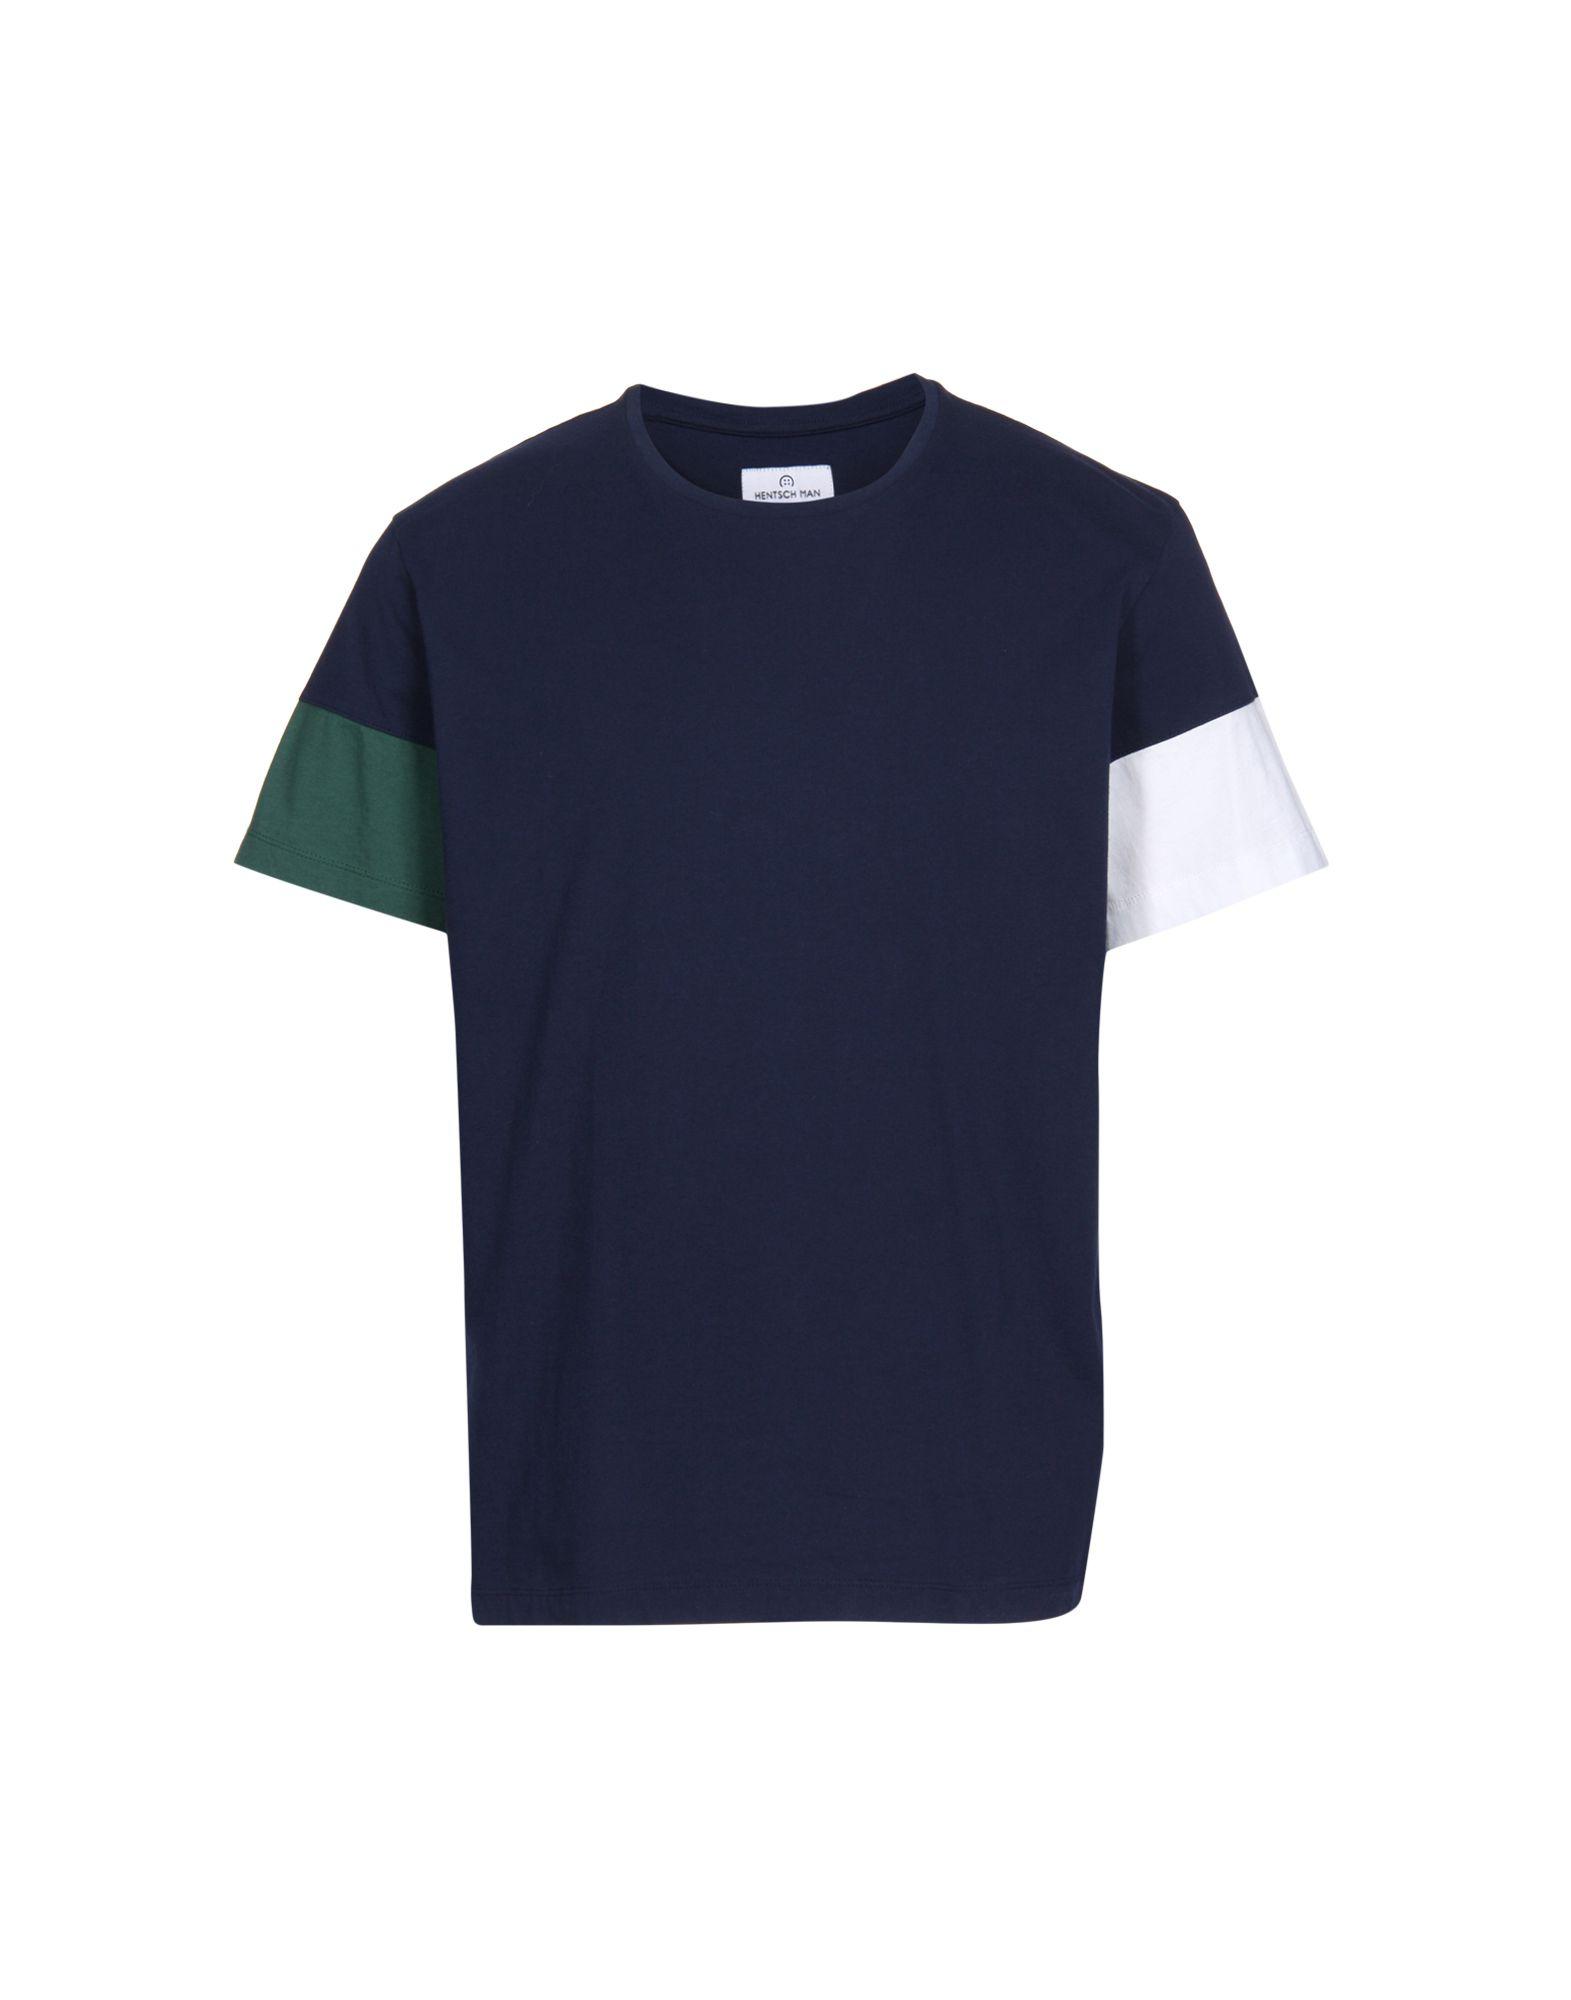 HENTSCH MAN T-Shirts in Dark Blue